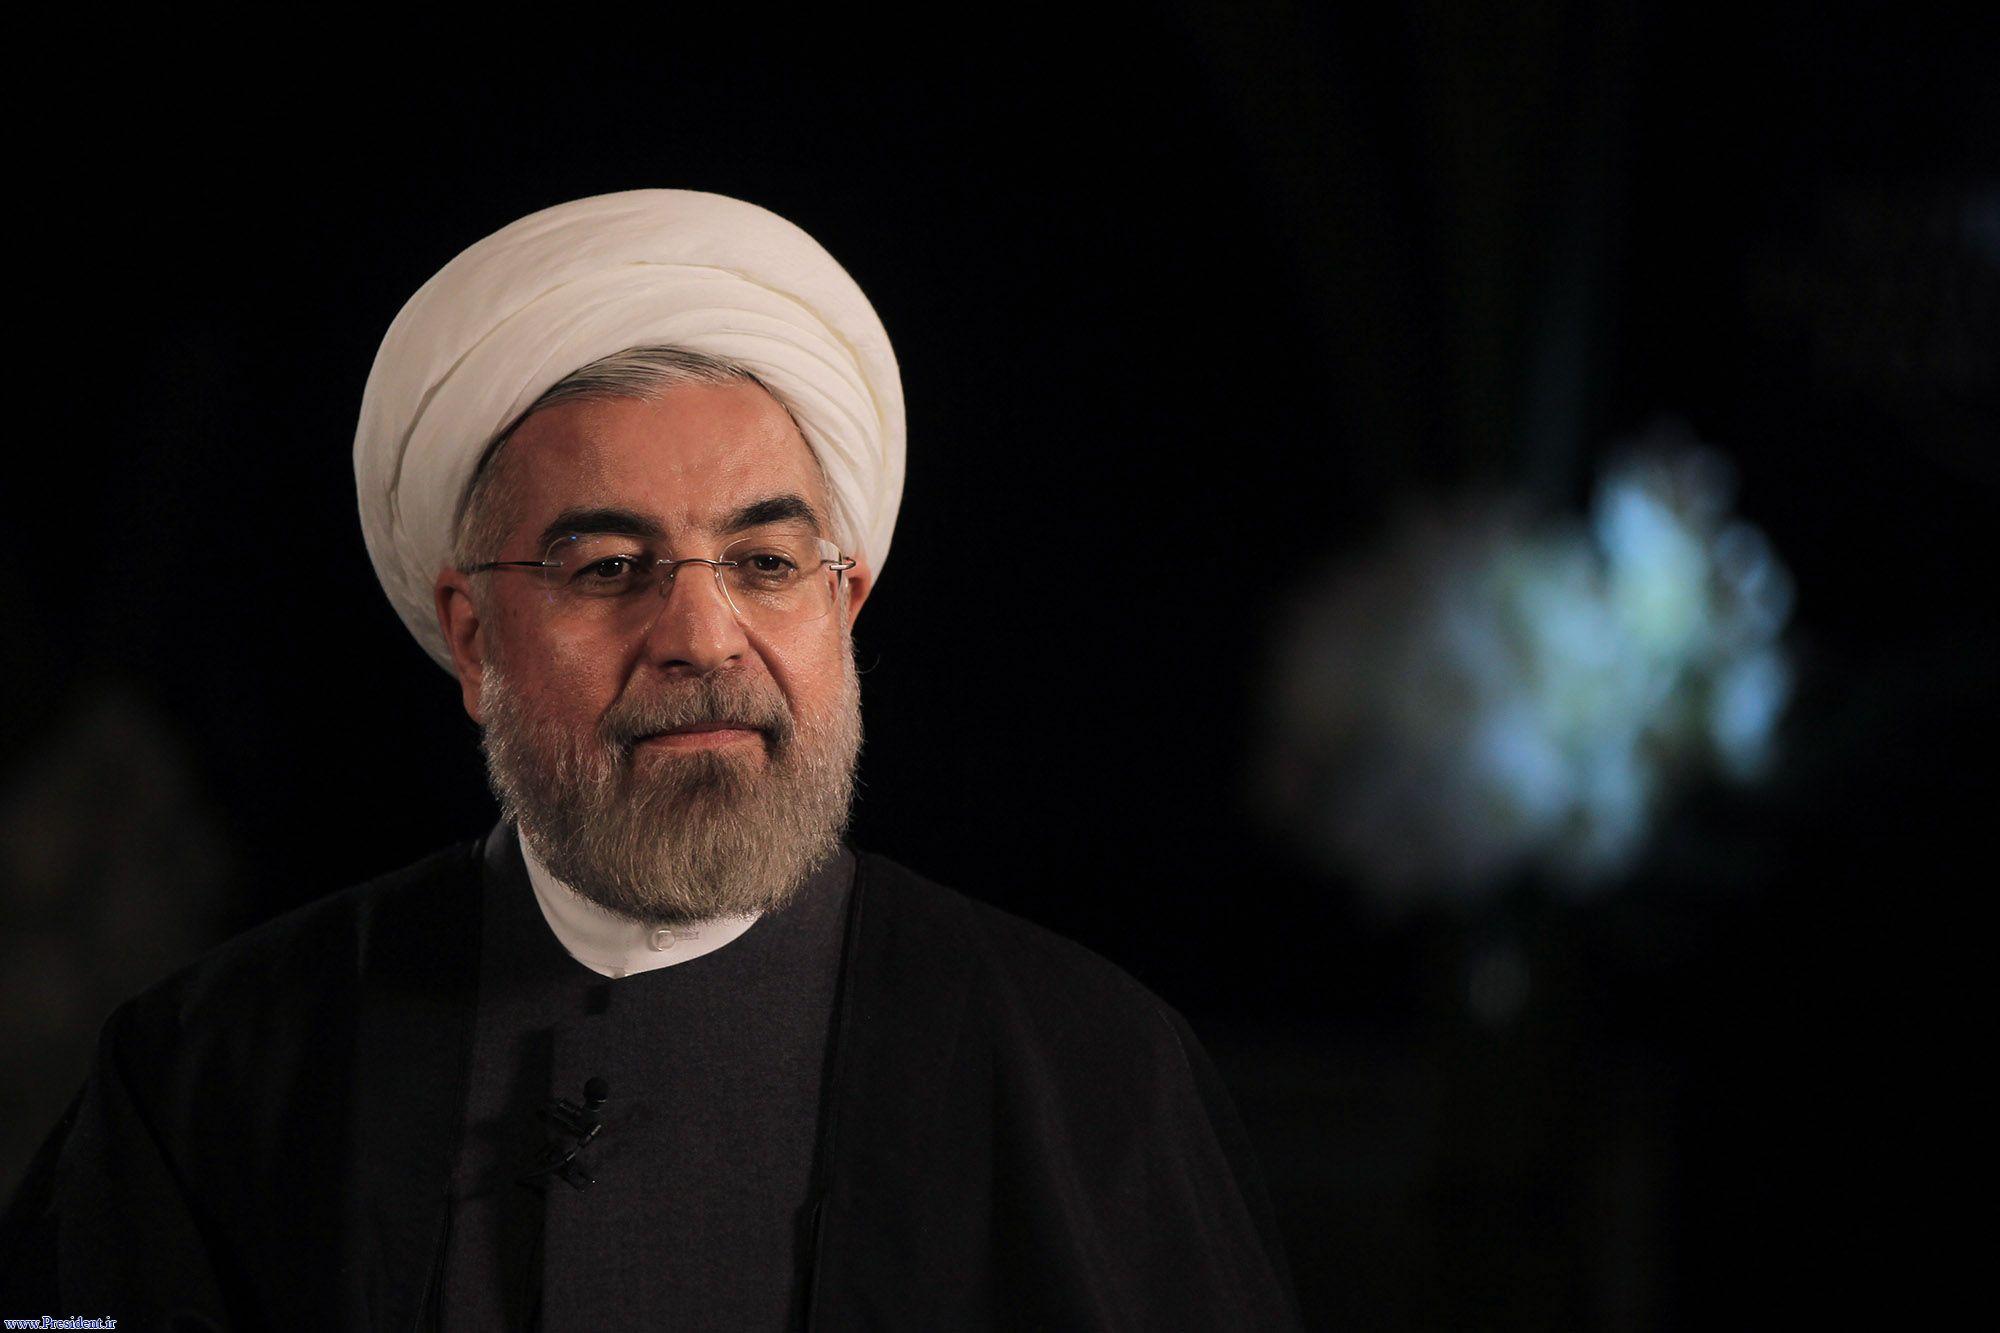 نقد مستند حسن روحانی در سایت منظوم